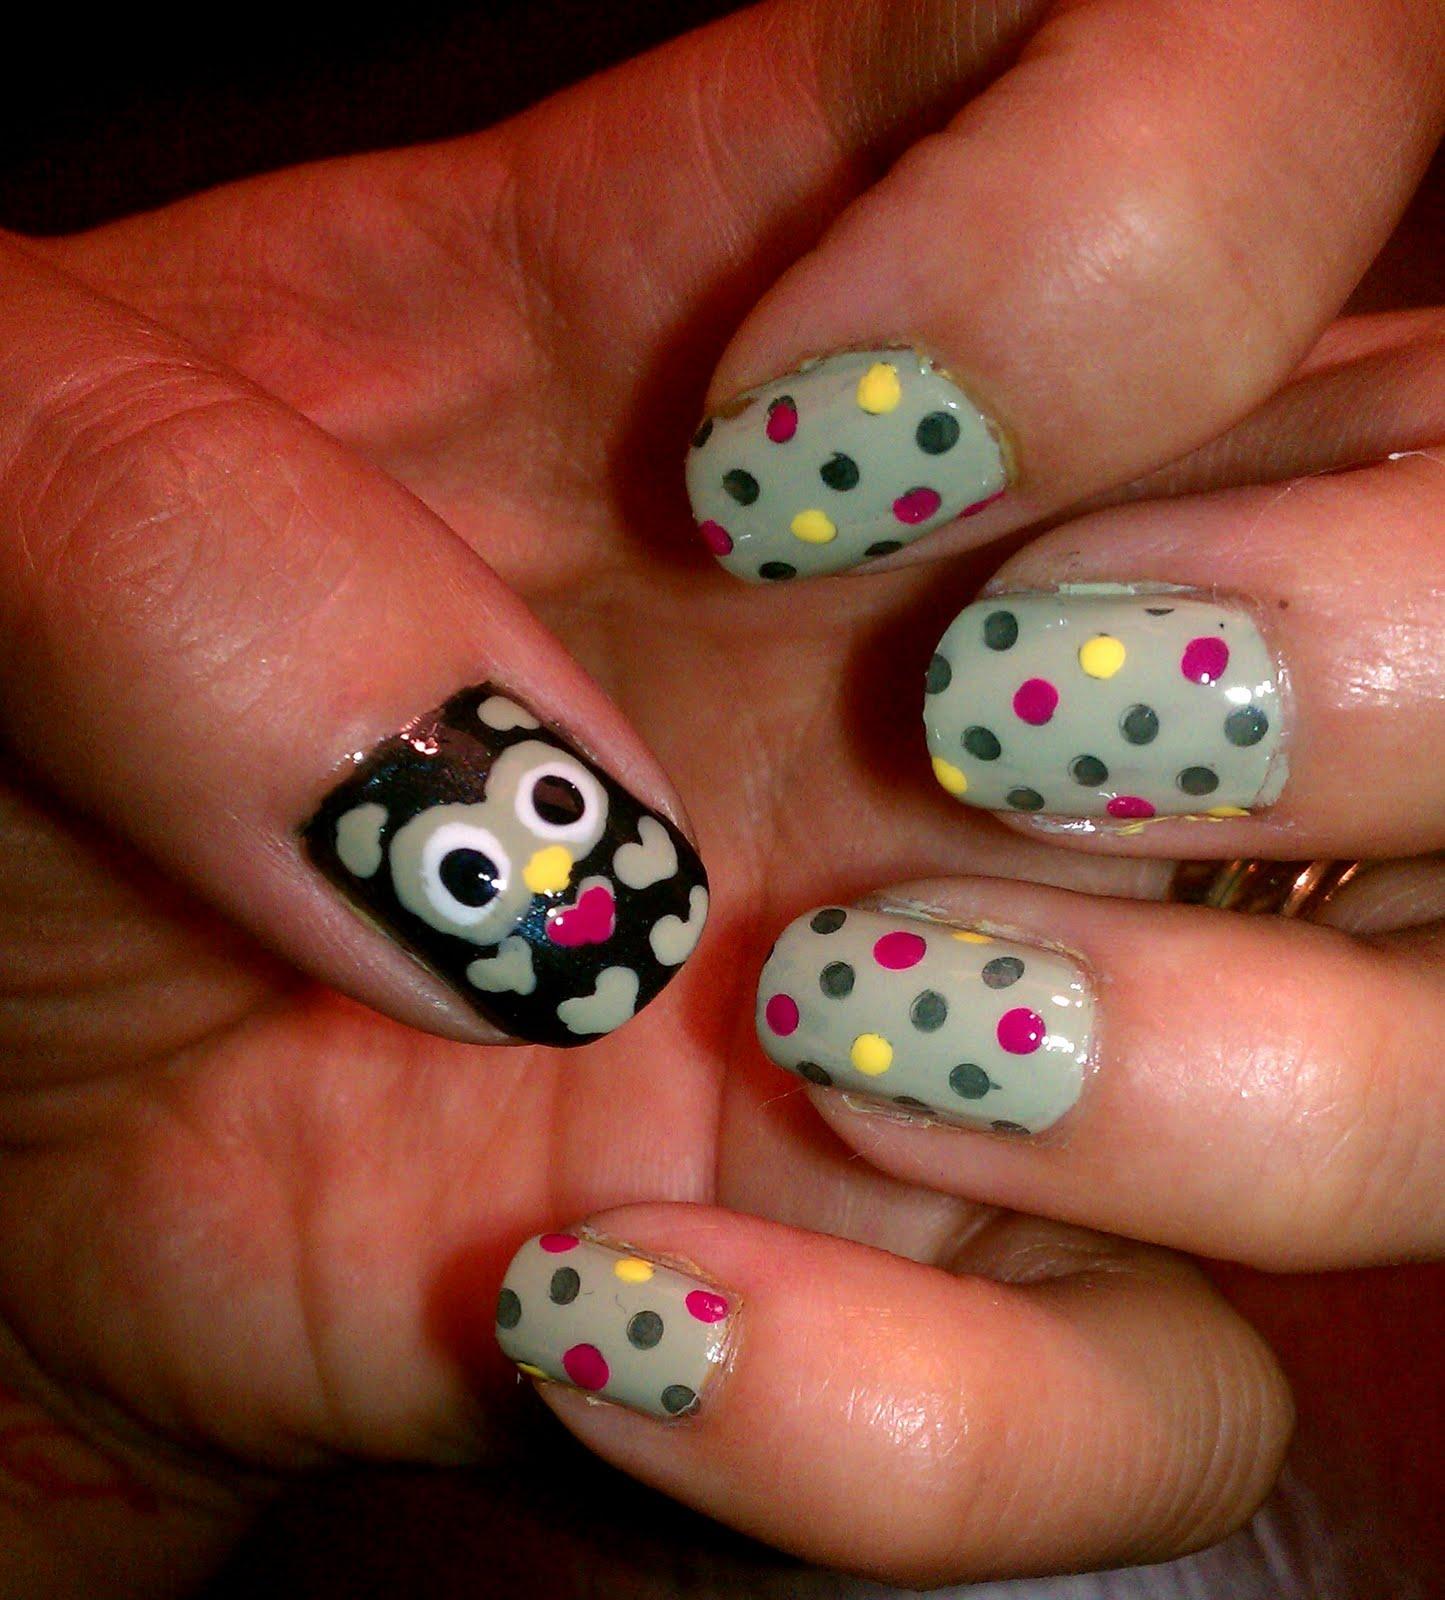 http://2.bp.blogspot.com/-JkEXxzx-p2U/TjjraOXsaTI/AAAAAAAAAHg/BbMuwvShmqw/s1600/owls.jpg